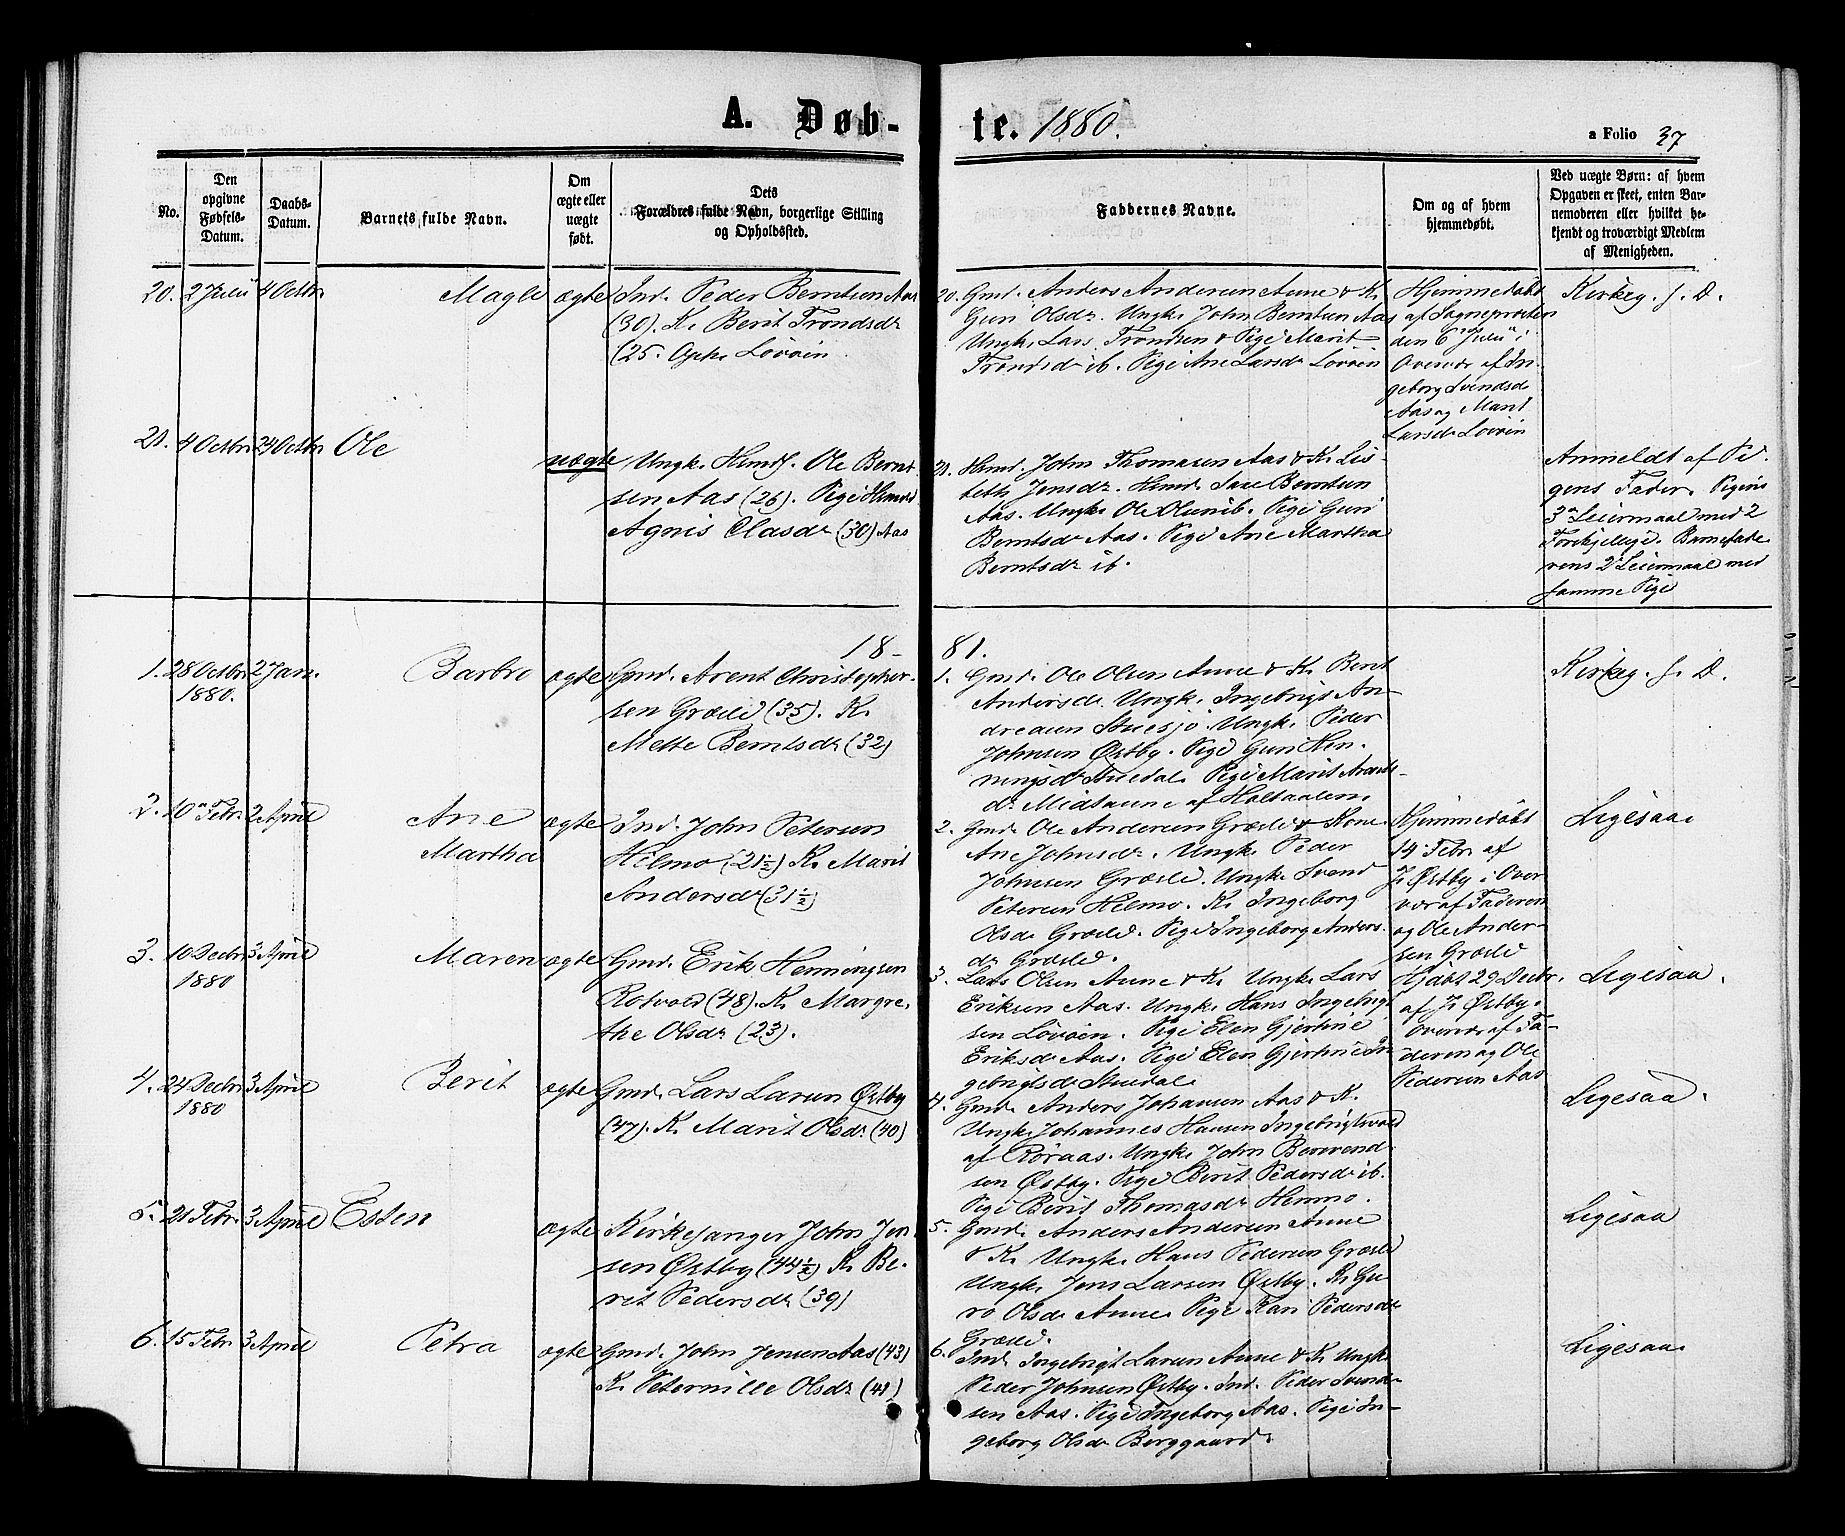 SAT, Ministerialprotokoller, klokkerbøker og fødselsregistre - Sør-Trøndelag, 698/L1163: Ministerialbok nr. 698A01, 1862-1887, s. 37